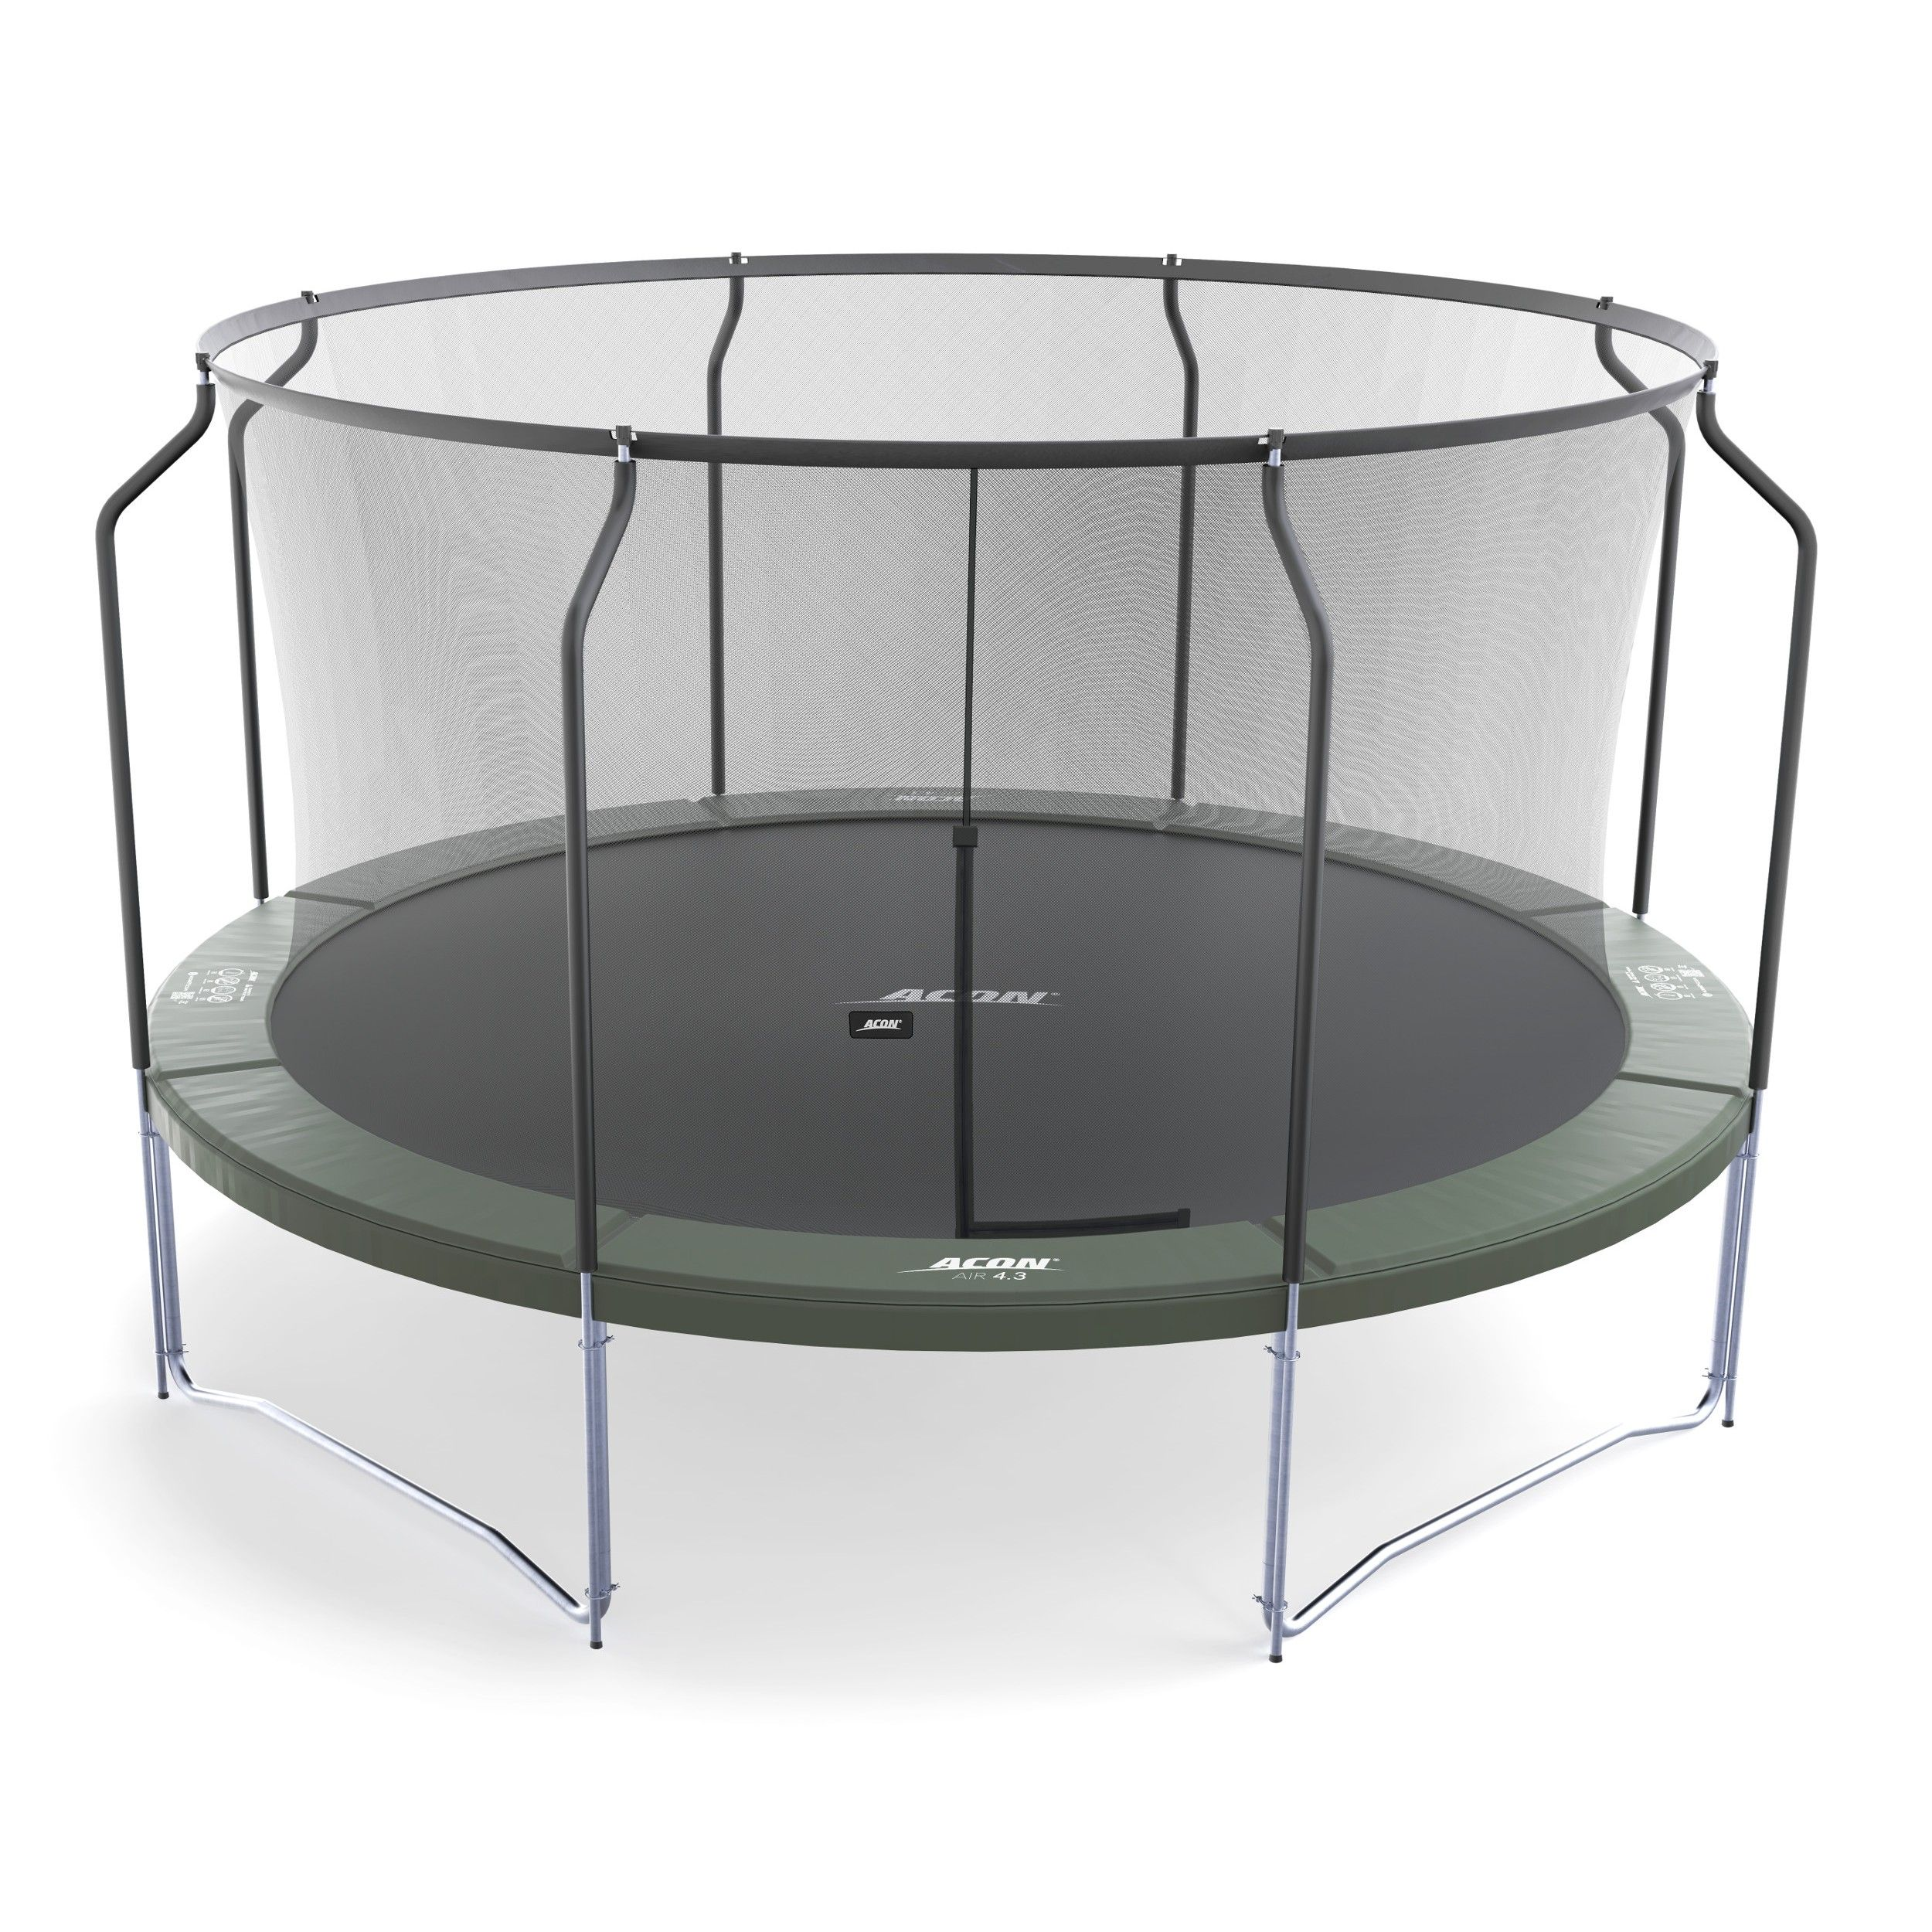 ACON Premium Enclosure Quality Trampolines and accessories ...